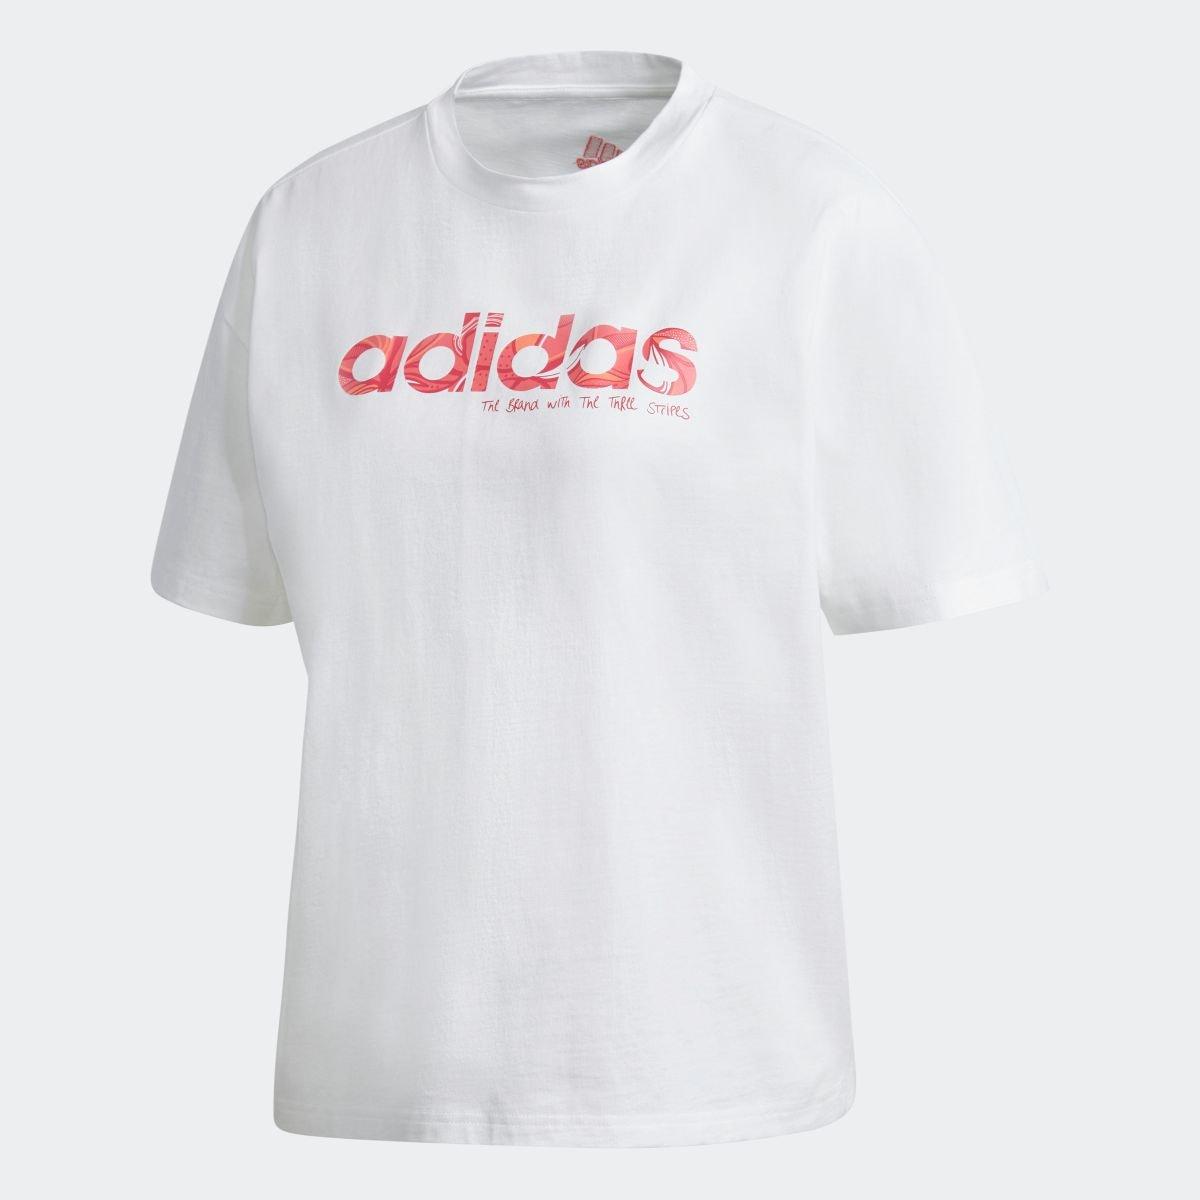 【公式】アディダスadidasアディダスグラフィックTシャツ/adidasGraphicTeeレディースウェアトップスTシャツGL7797